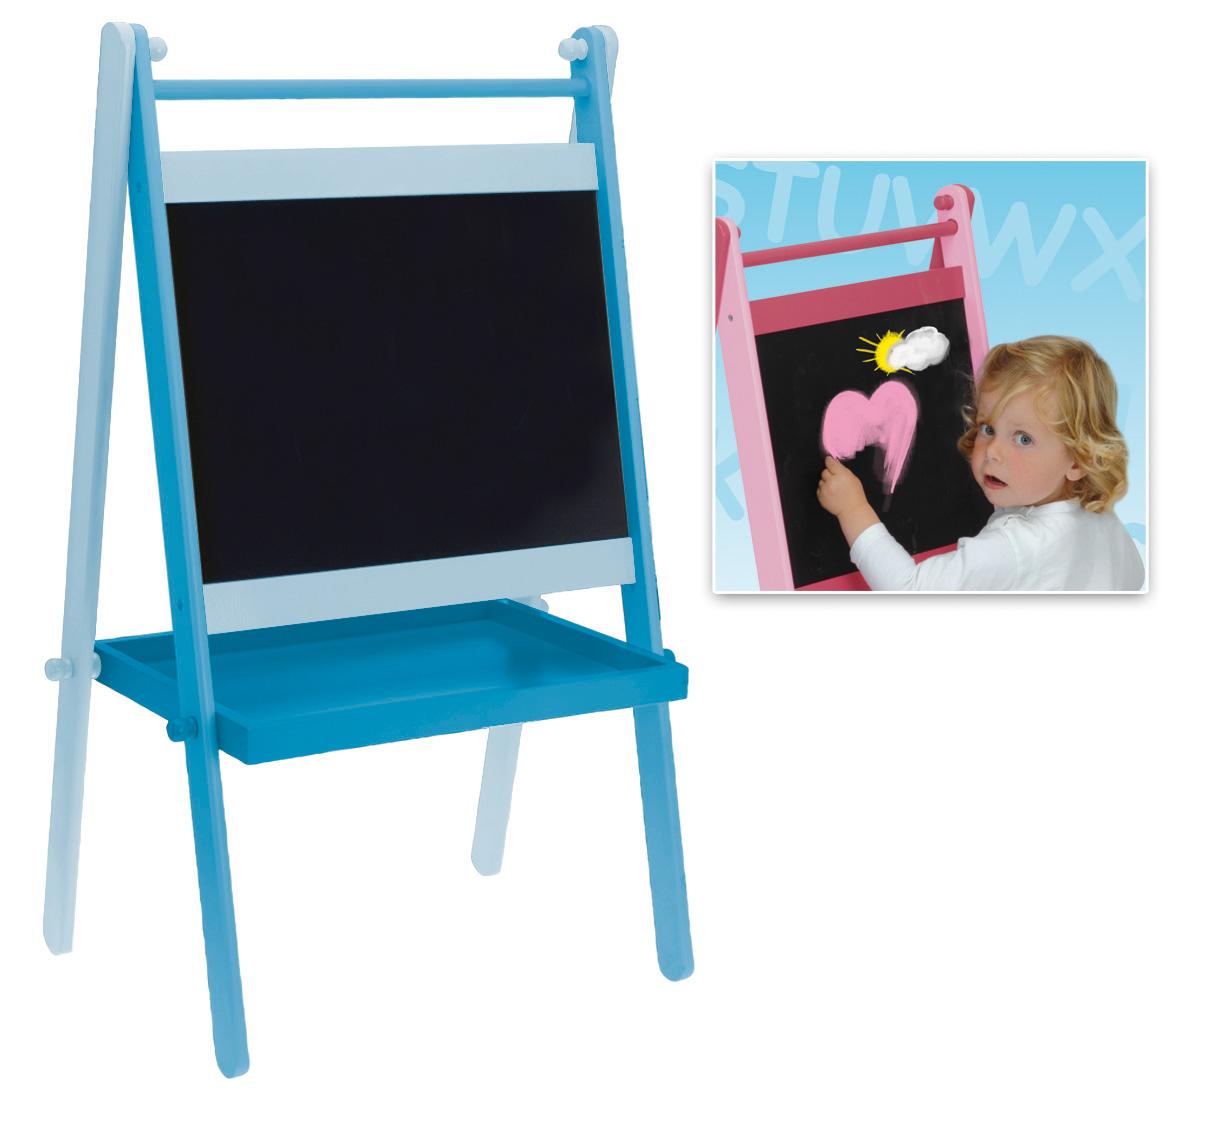 blau holz tafel kinder tafel standtafel schultafel ebay. Black Bedroom Furniture Sets. Home Design Ideas